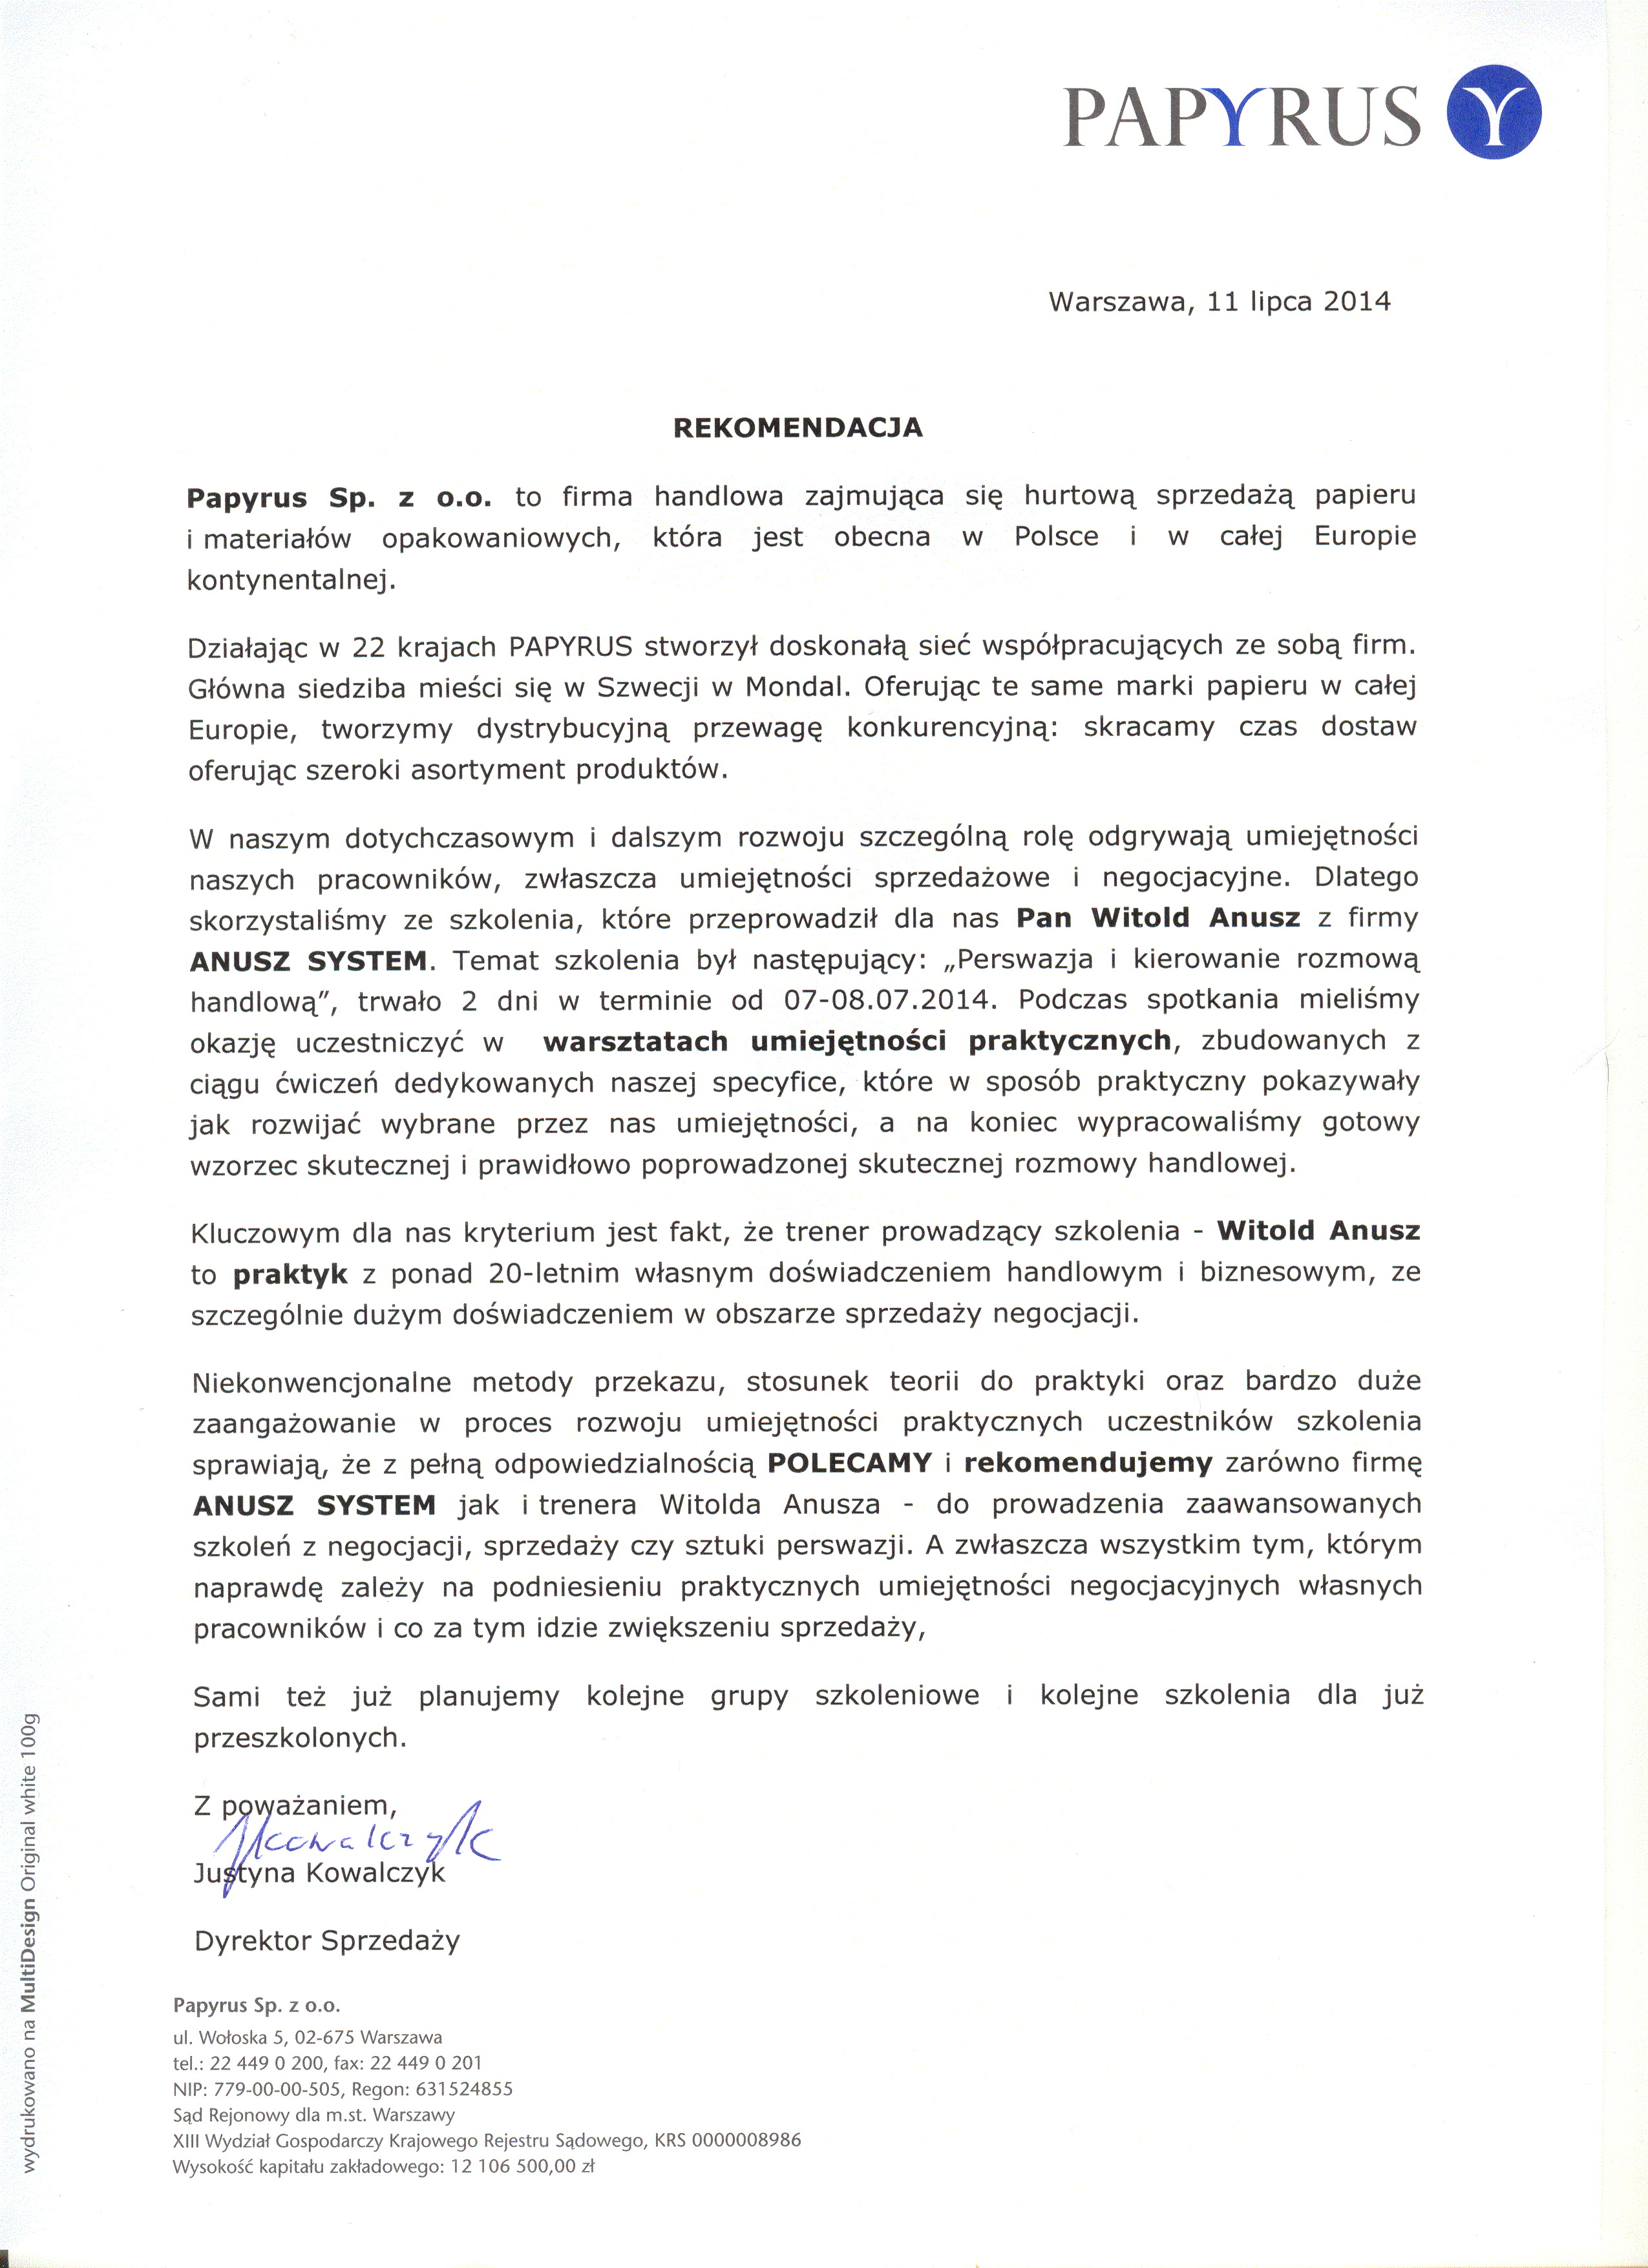 Papyrus POLSKA Sp. z o.o.